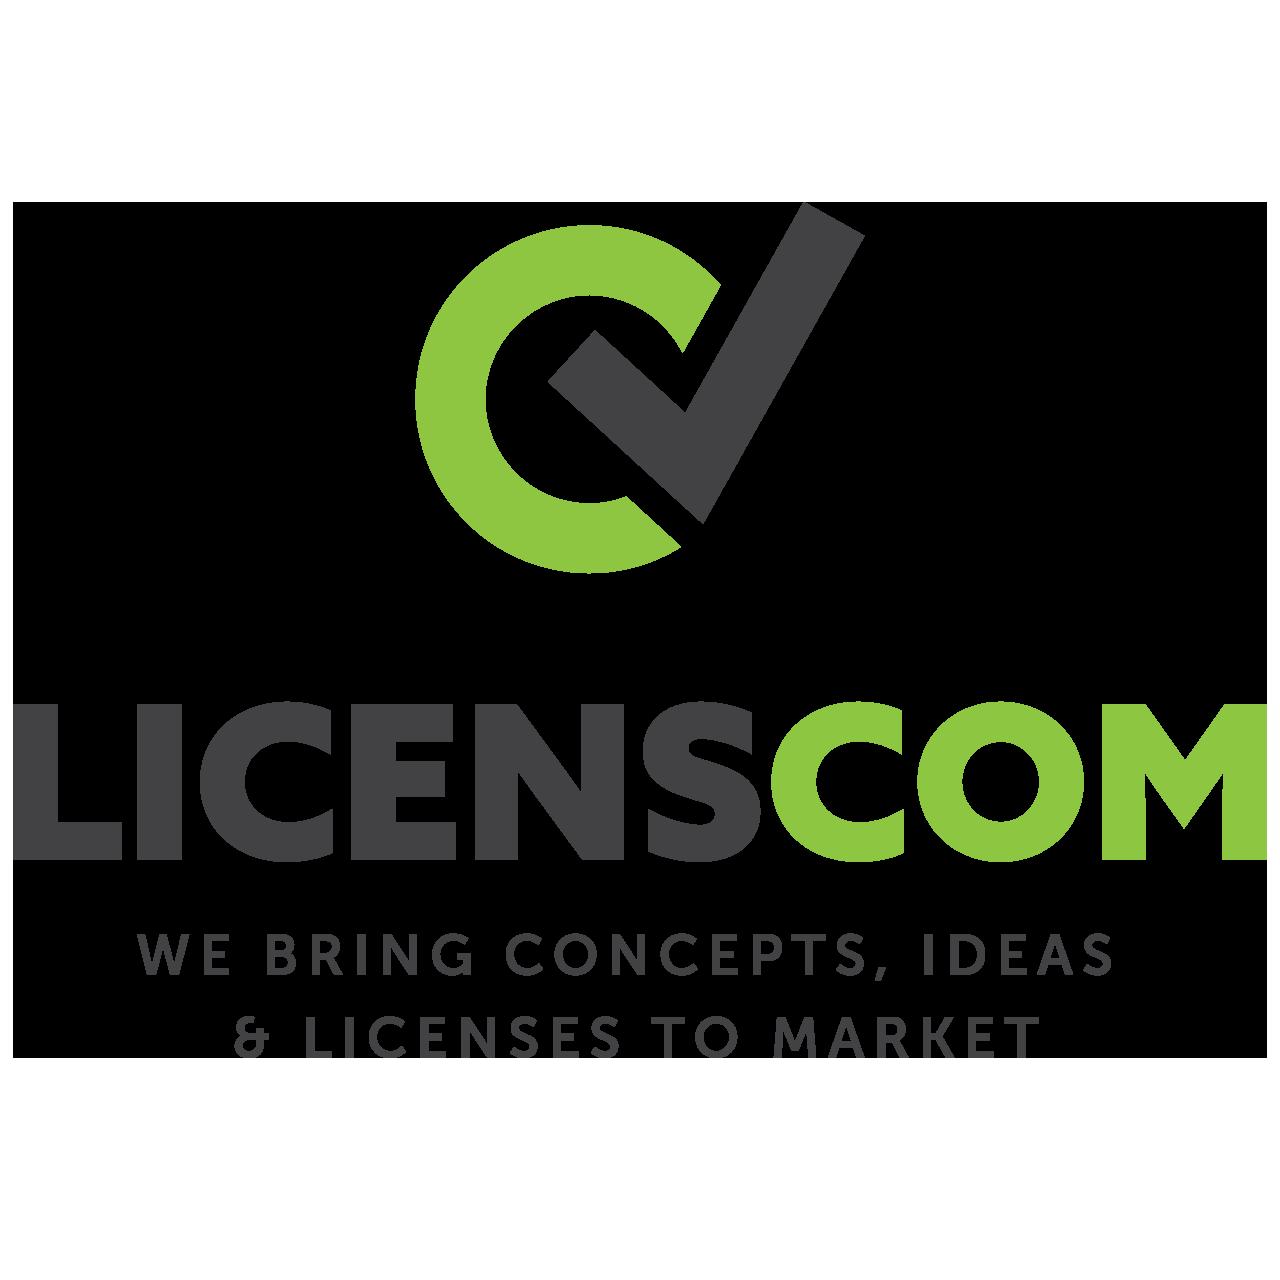 licenscom logo